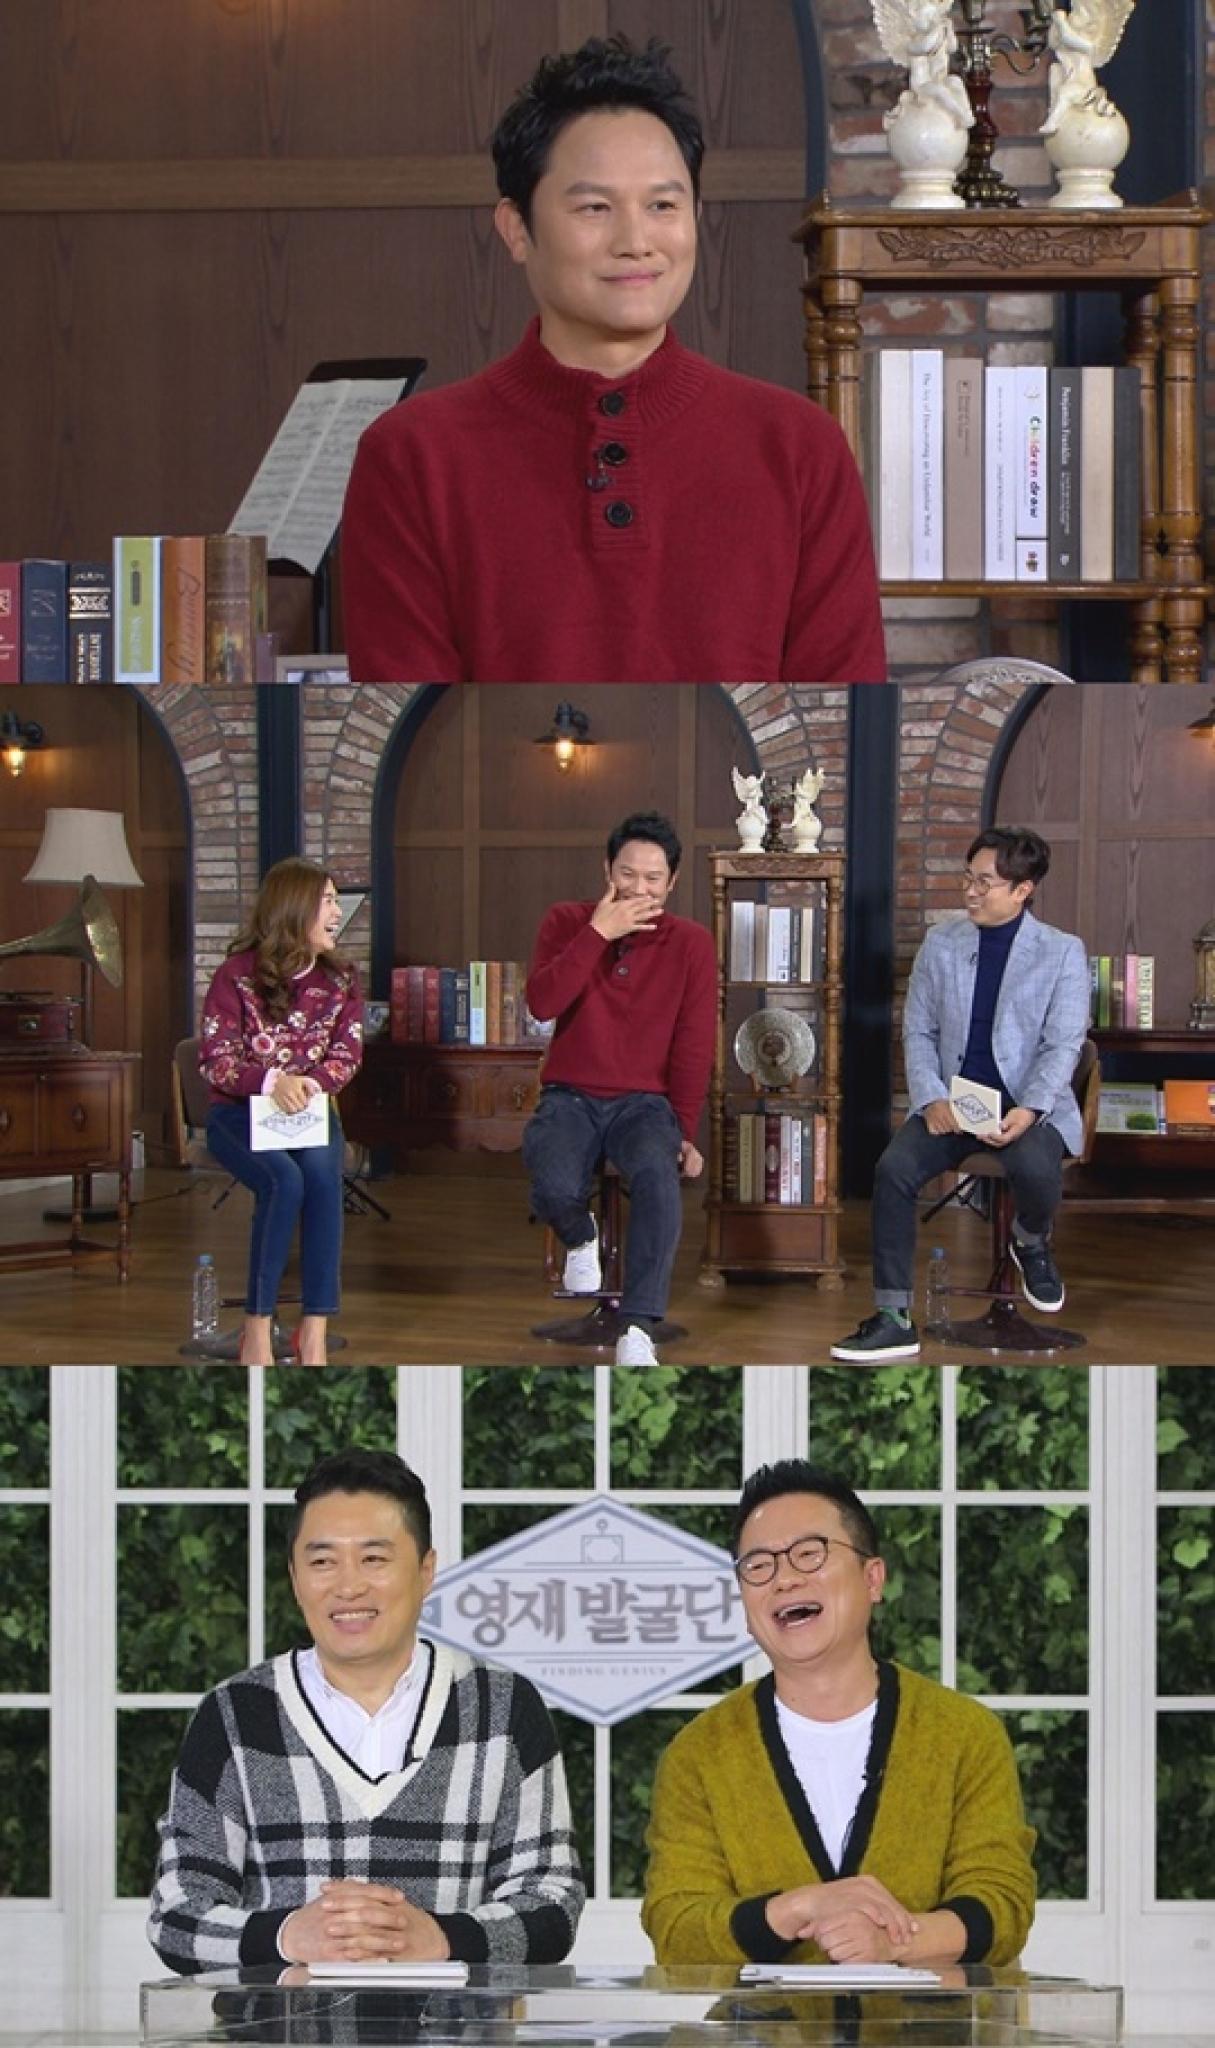 '영재발굴단' 강성진, 스피드스케이팅 그만두고 배우로 전향한 사연